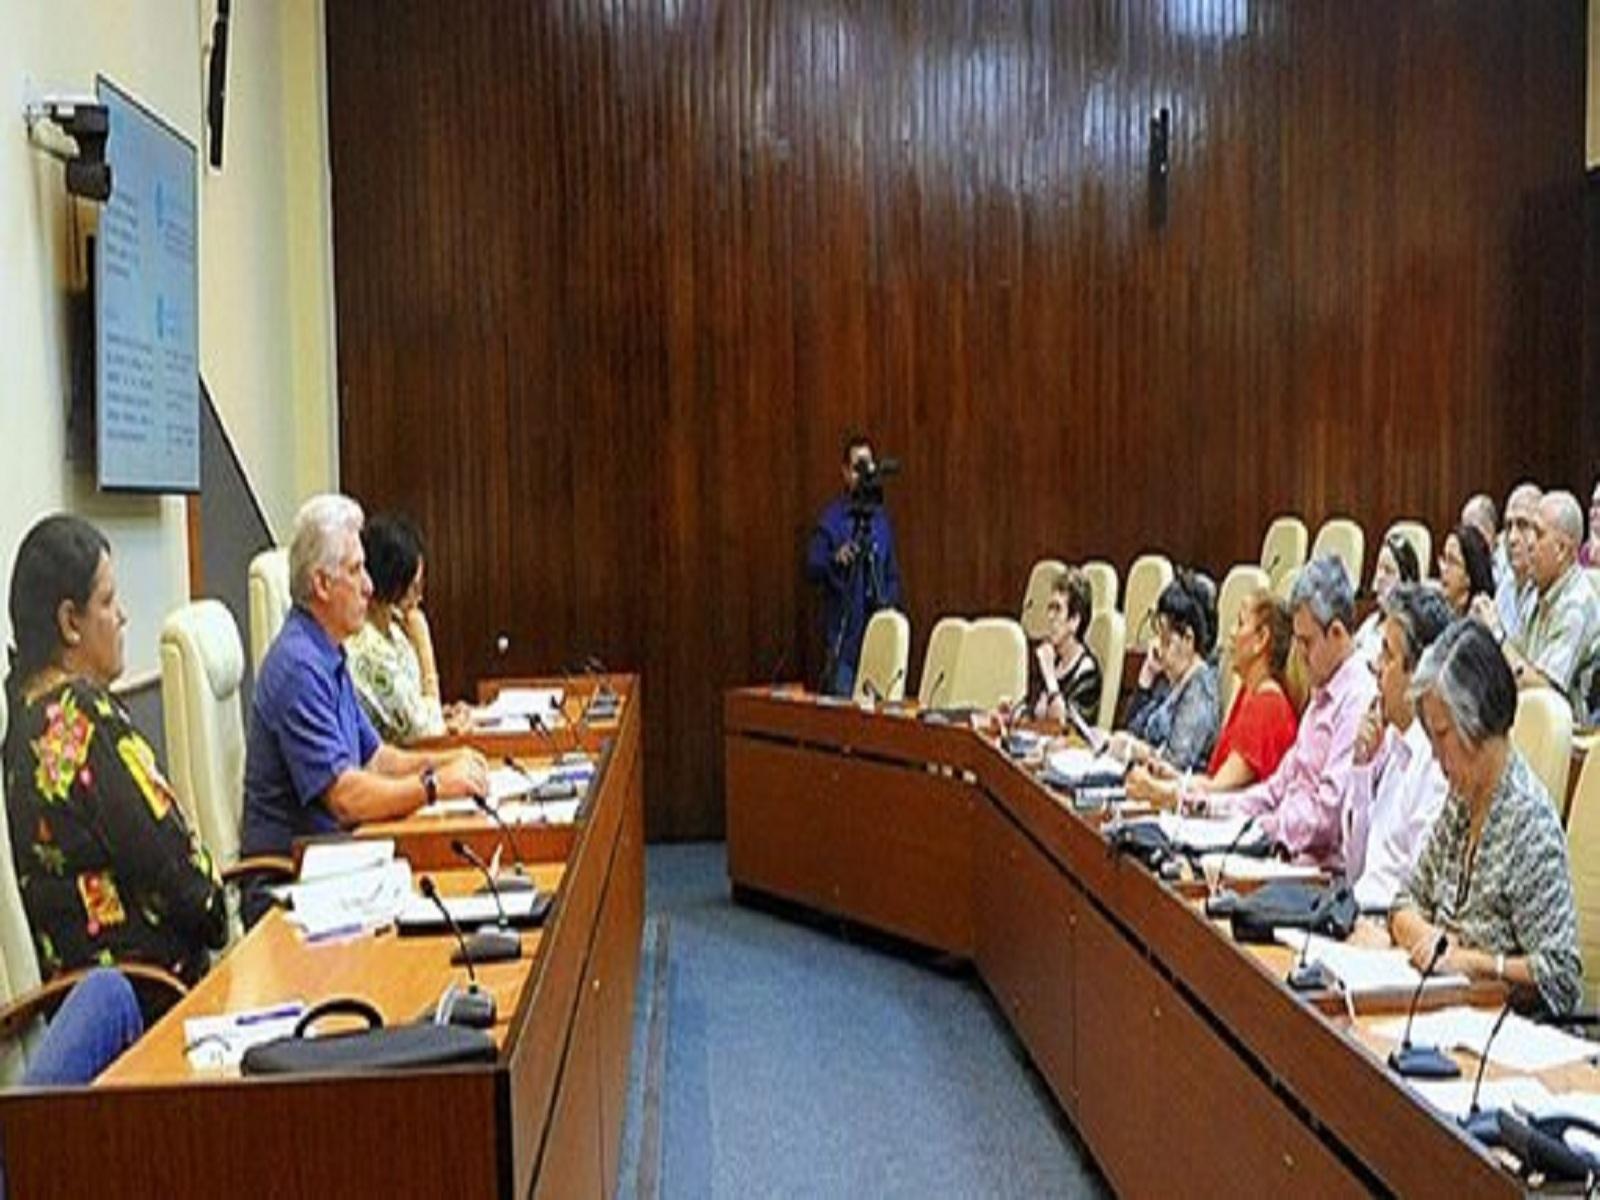 Presidió Díaz-Canel nuevo encuentro de trabajo para dar seguimiento al proceso de informatización de la sociedad. Foto: @PresidenciaCuba/Twitter.